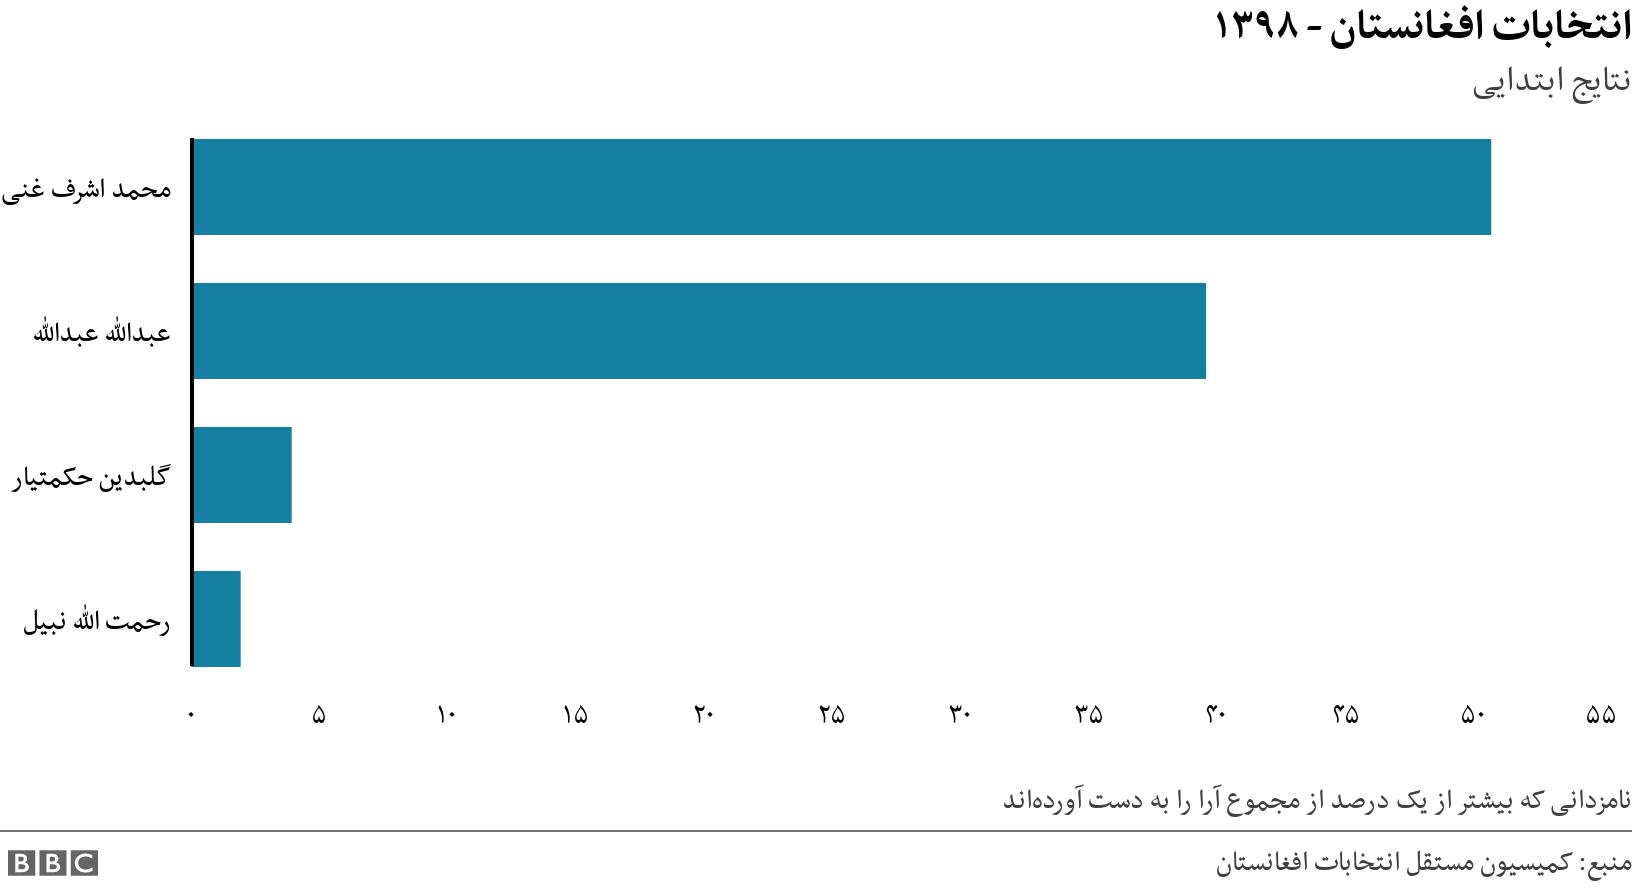 انتخابات افغانستان - ۱۳۹۸. نتایج ابتدایی. The data is showing the vote share in percent the top three candidates in the Presidential elections achieved. نامزدانی که بیشتر از یک درصد از مجموع آرا را به دست آوردهاند.